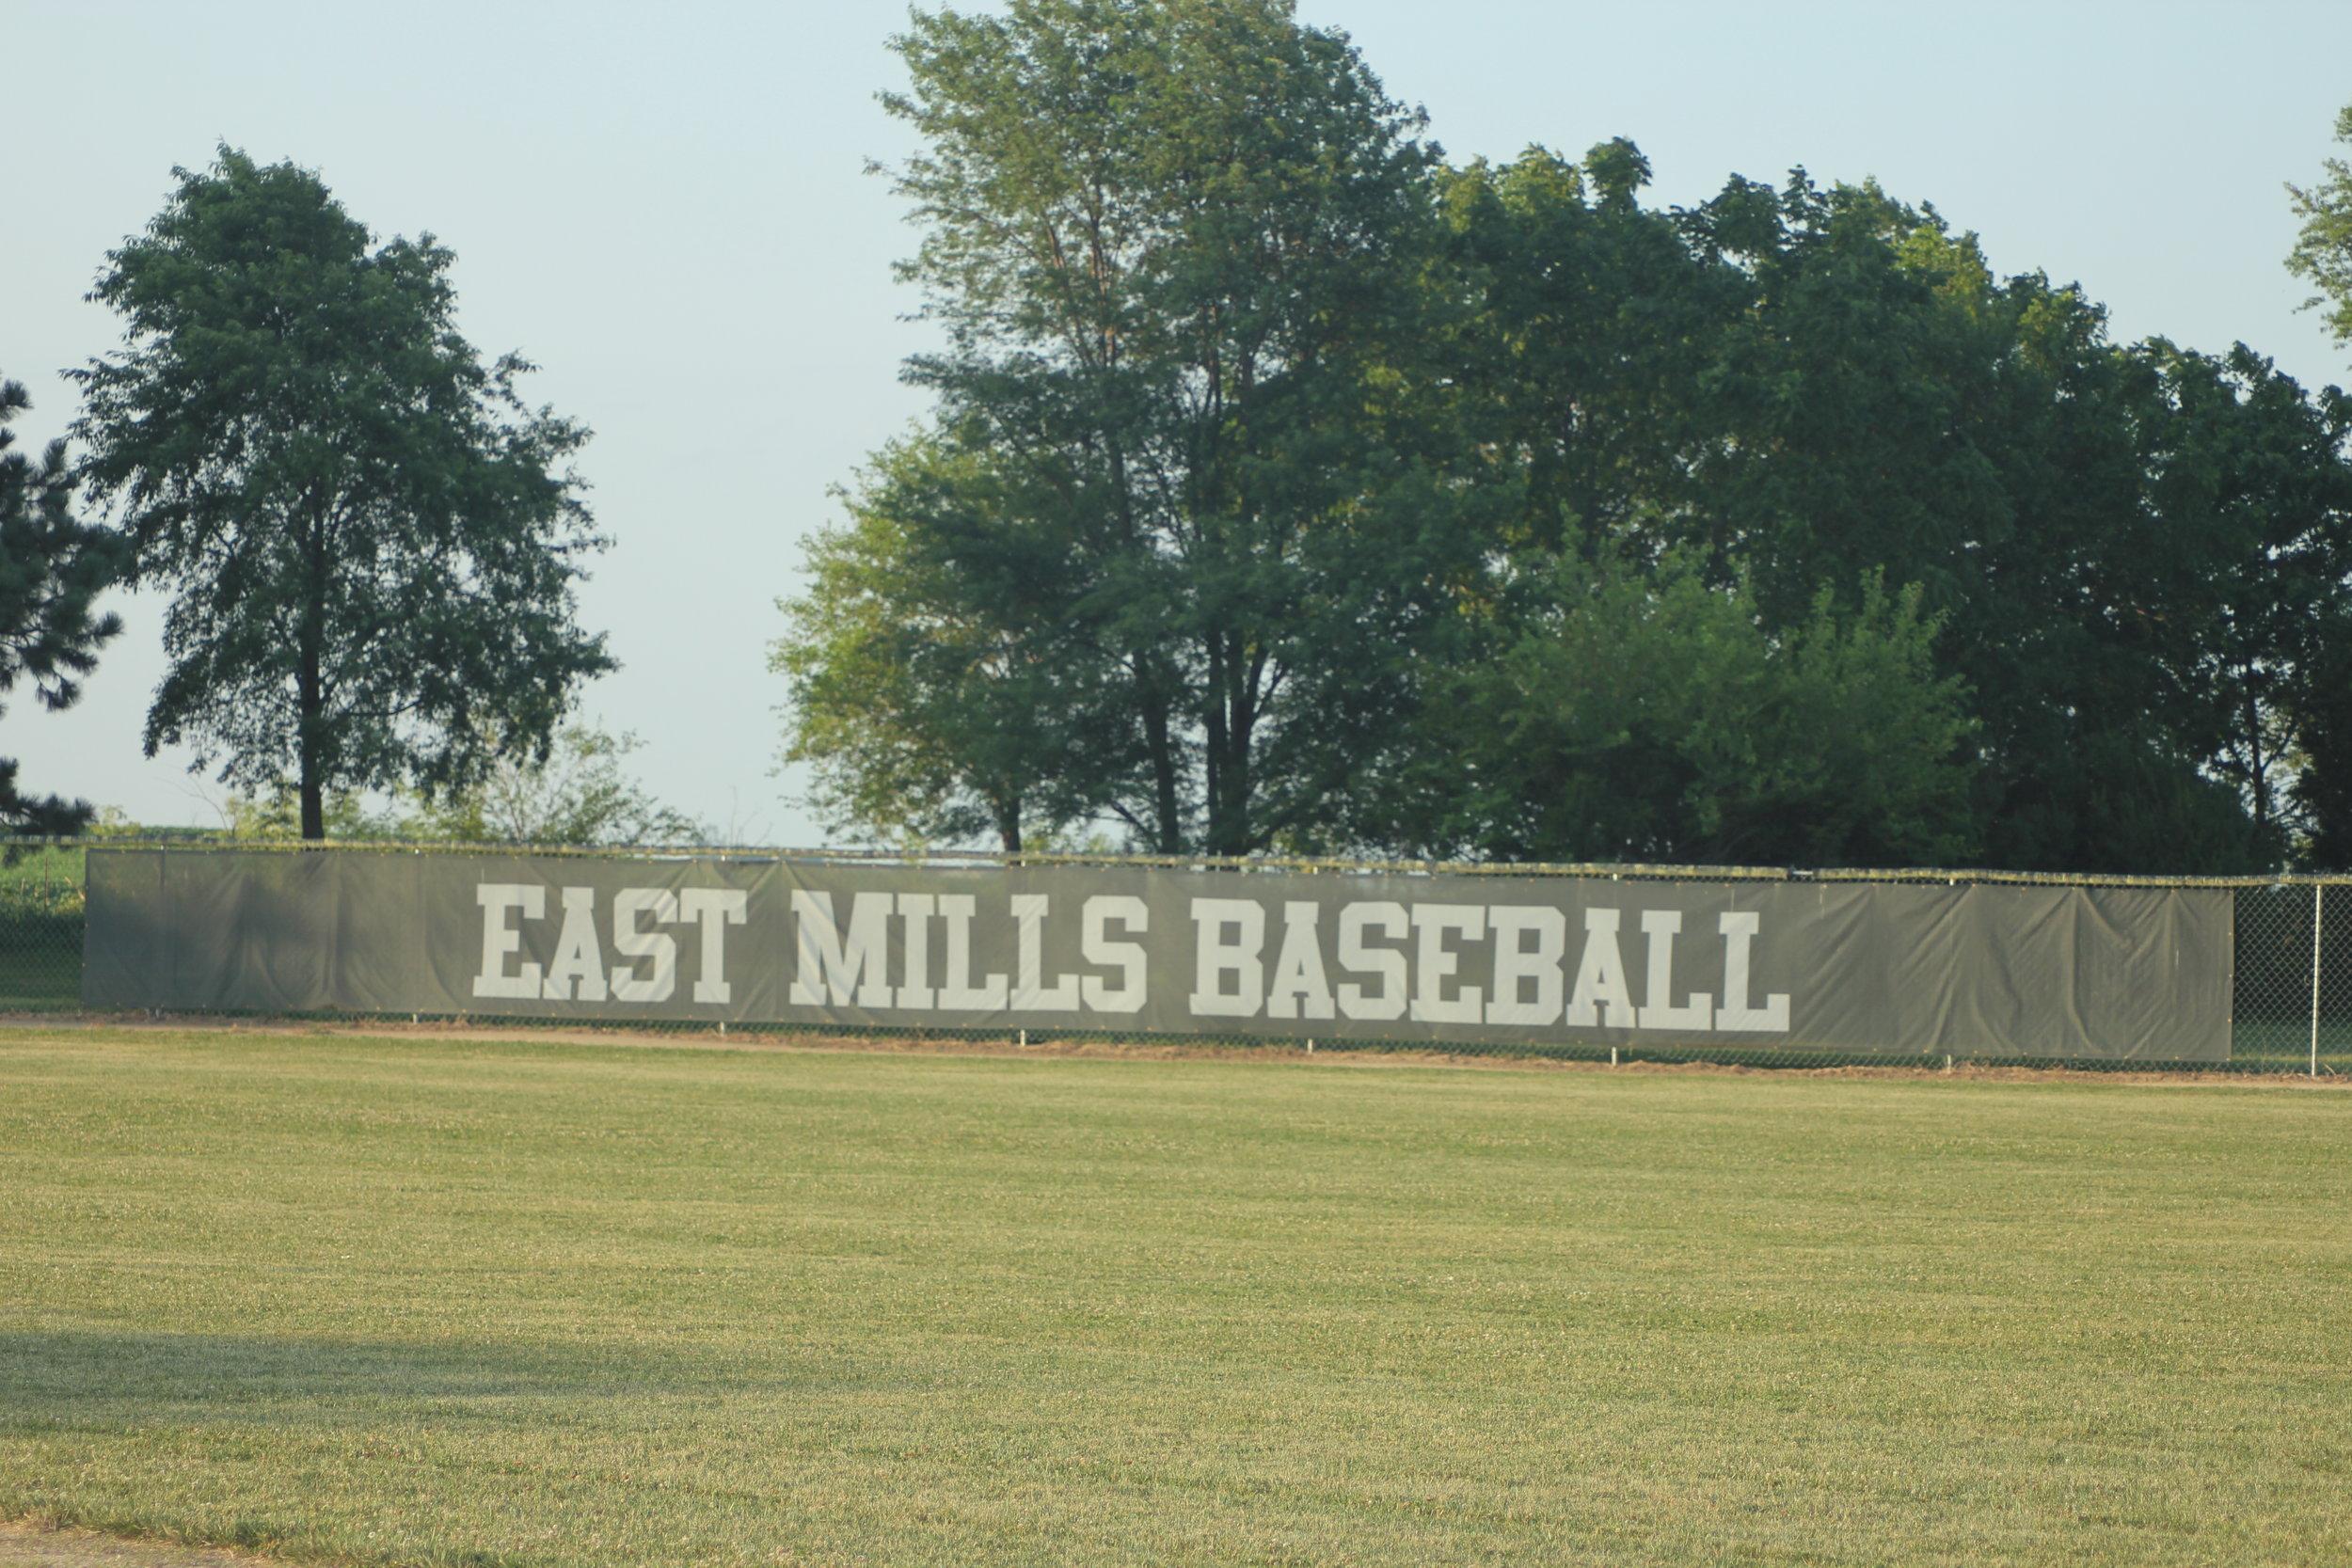 eastmills-essex bbsb 324.JPG